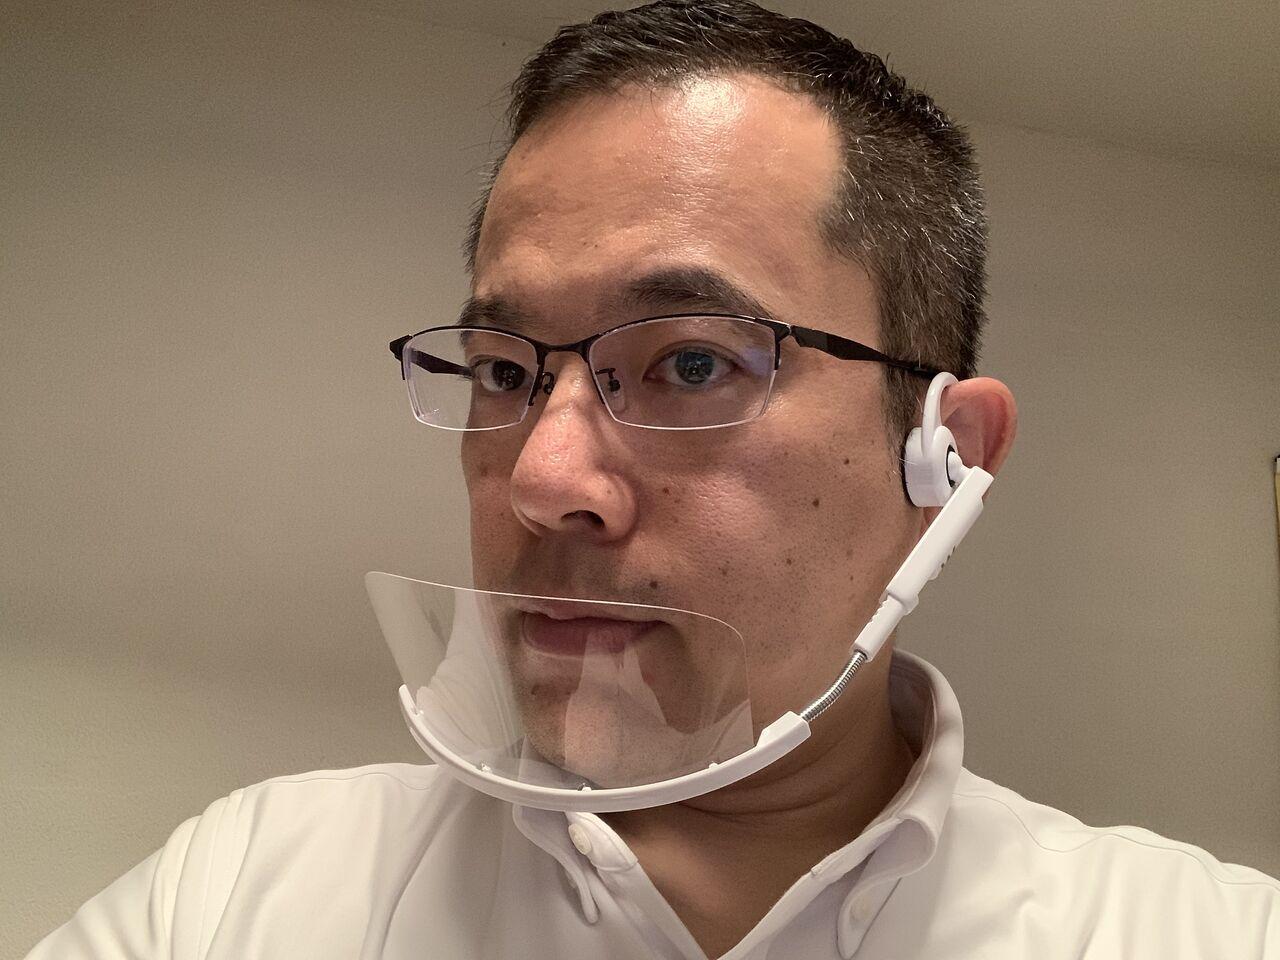 シールド 麻生 太郎 フェイス